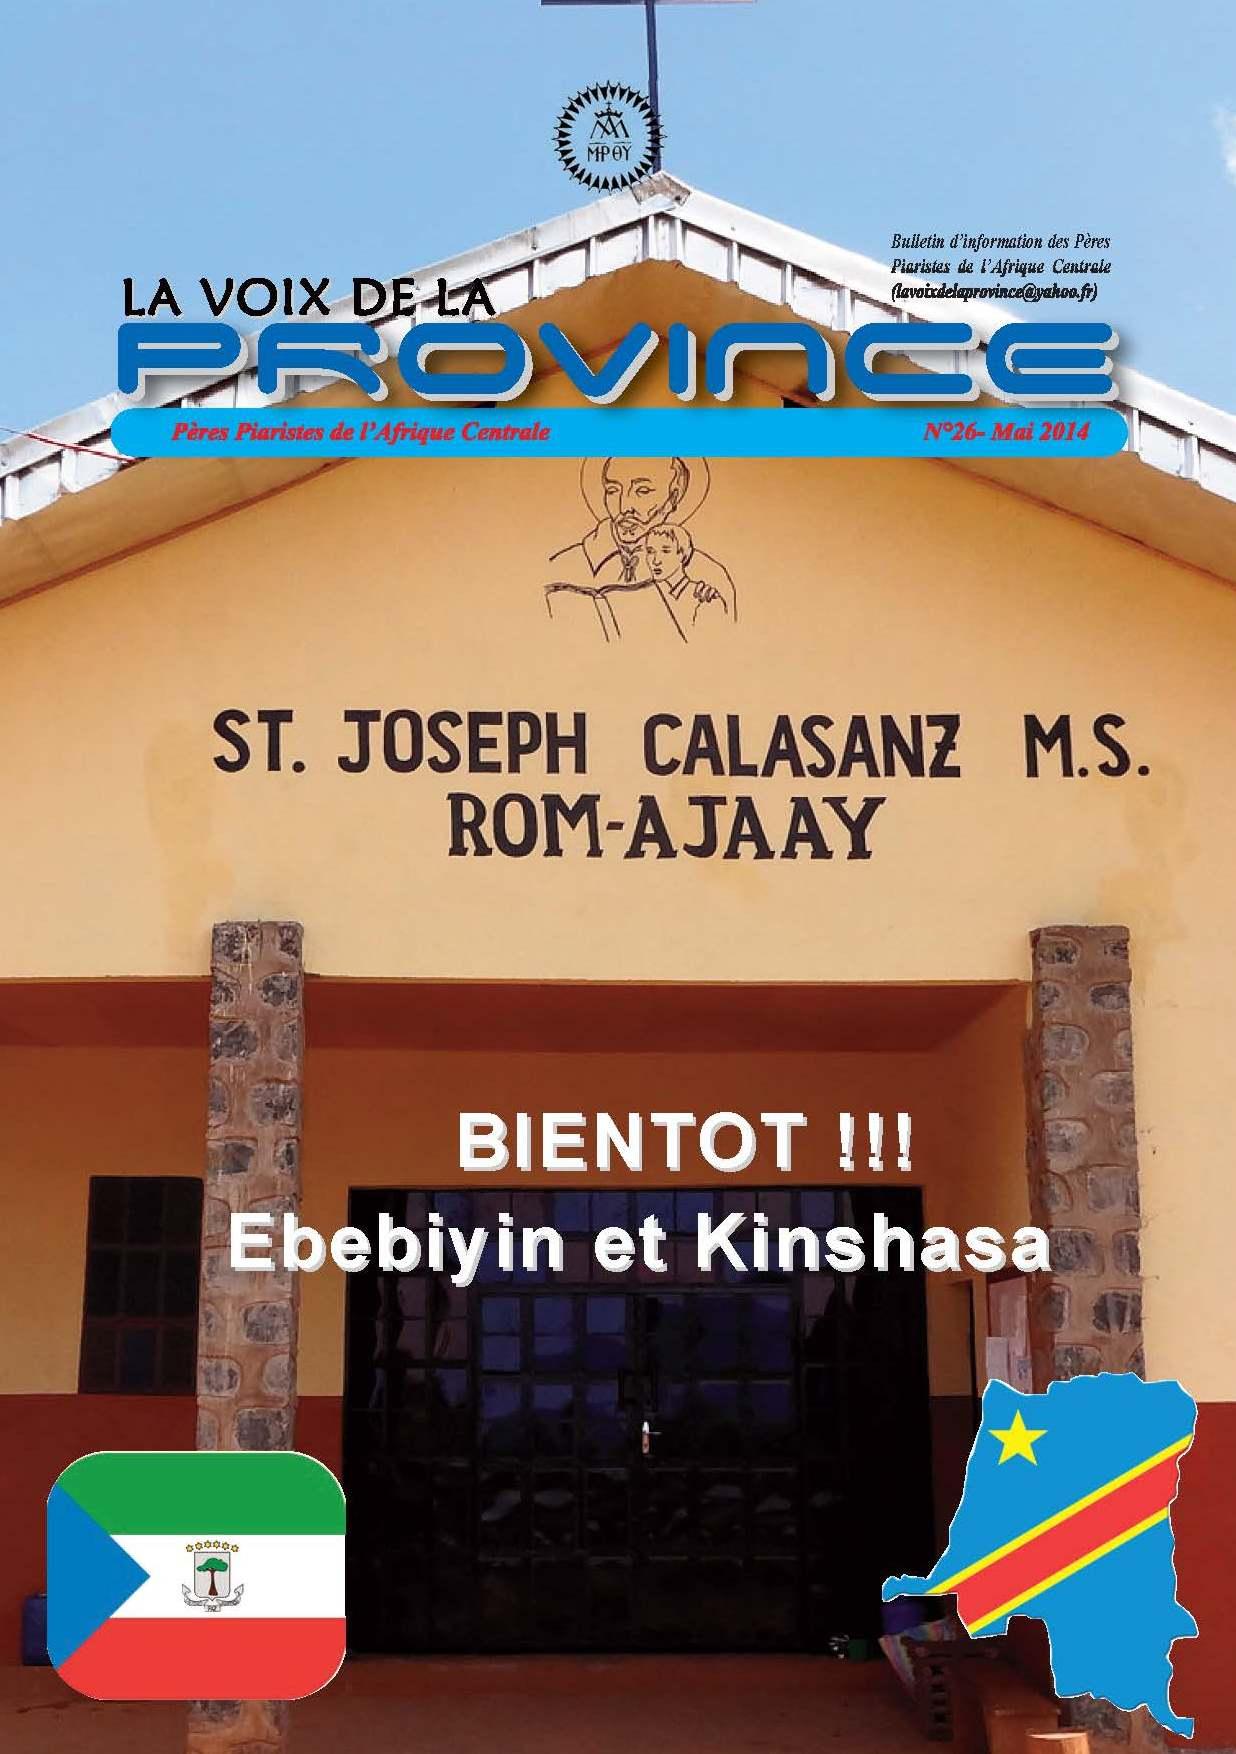 La voix de la province N26